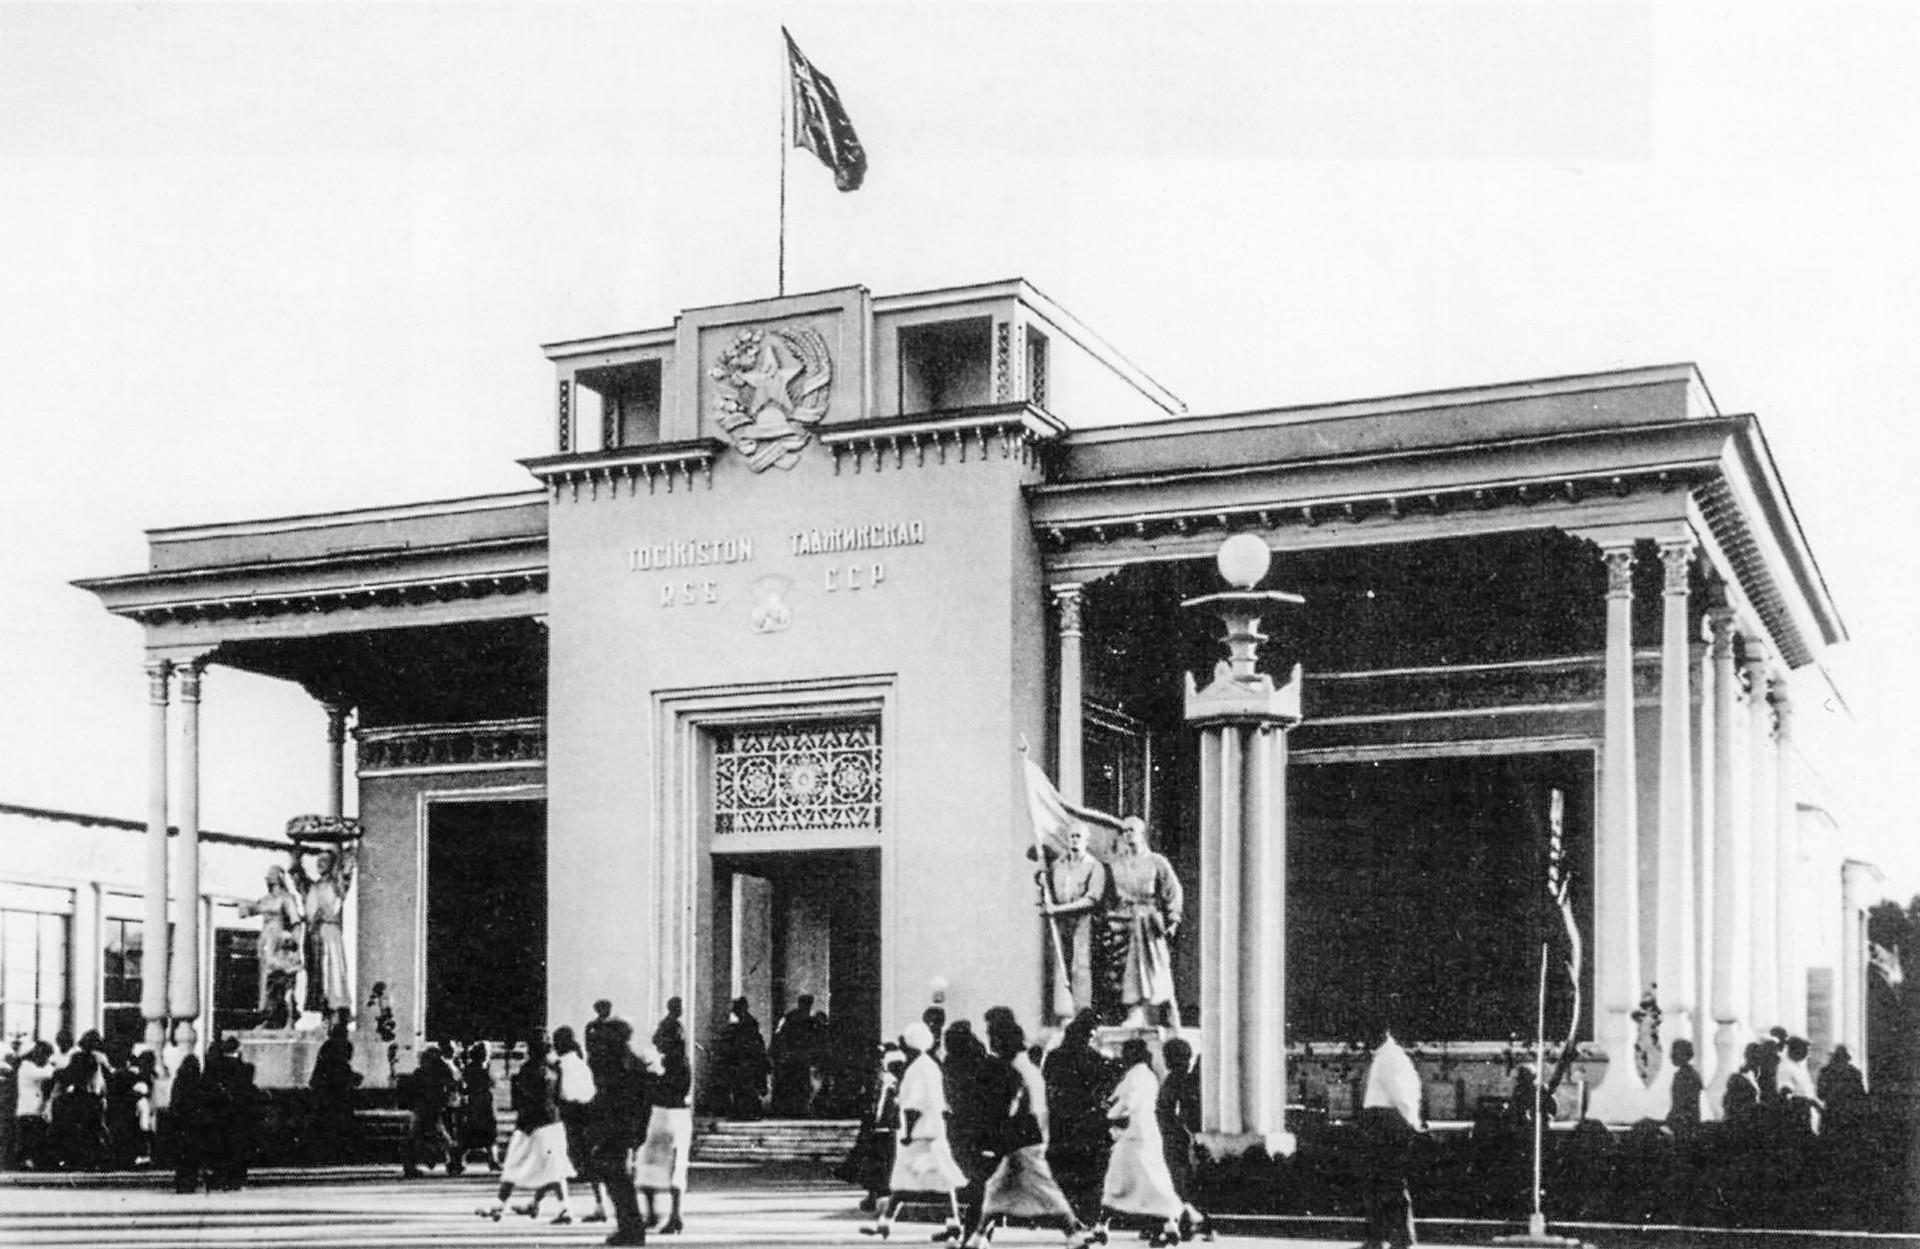 Padiglione della Repubblica Socialista Sovietica Tagika in una foto del 1939